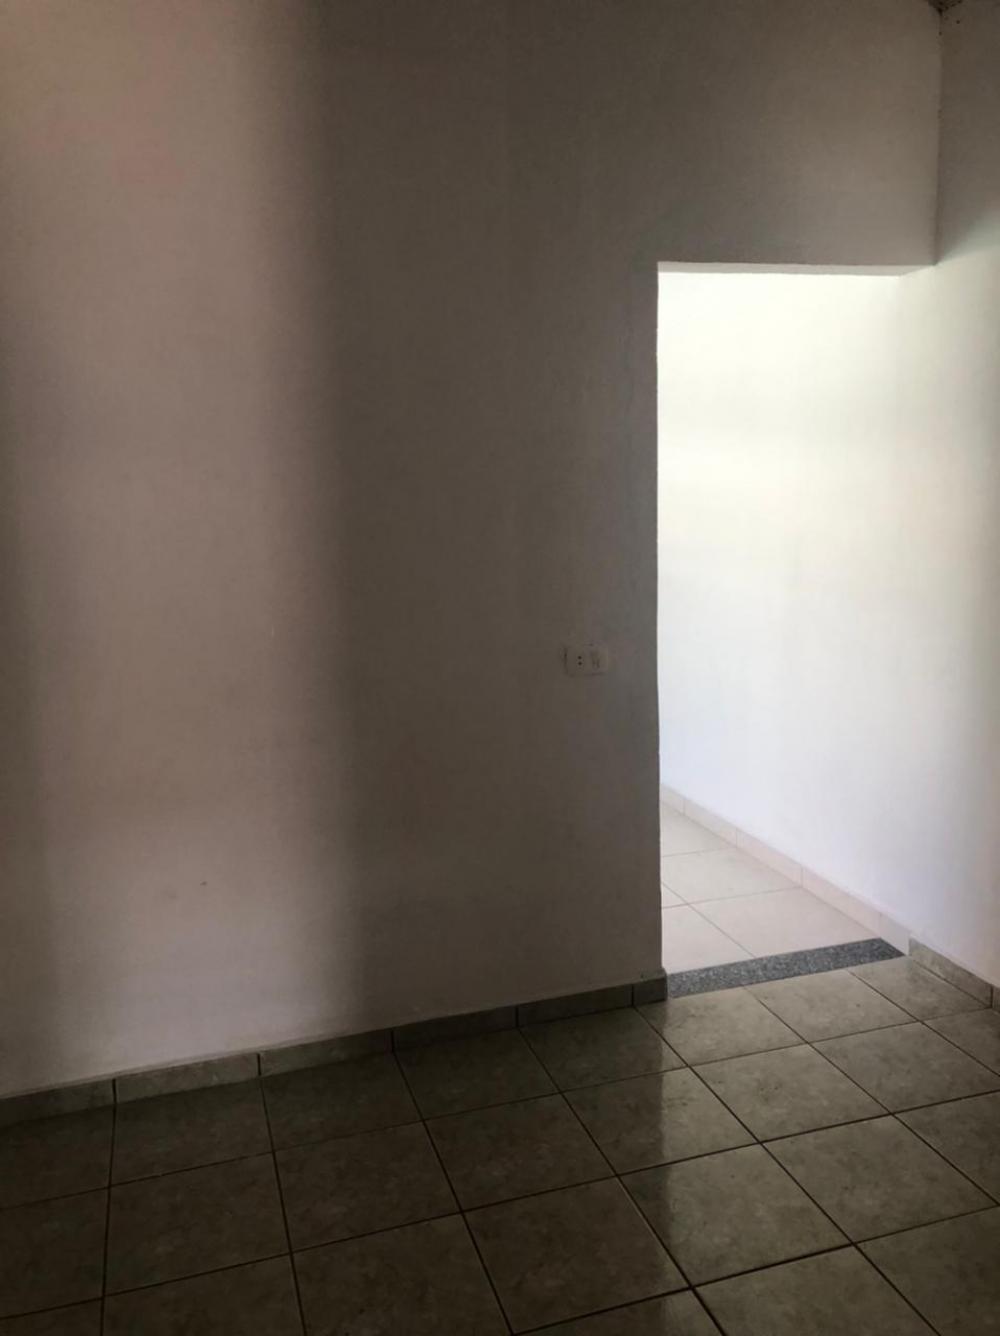 Casa em bairro tranquilo, com 1 dormitório, sendo suíte, cozinha, sala, lavanderia coberta, banheiro de serviço, possibilidade de uma vaga para moto.